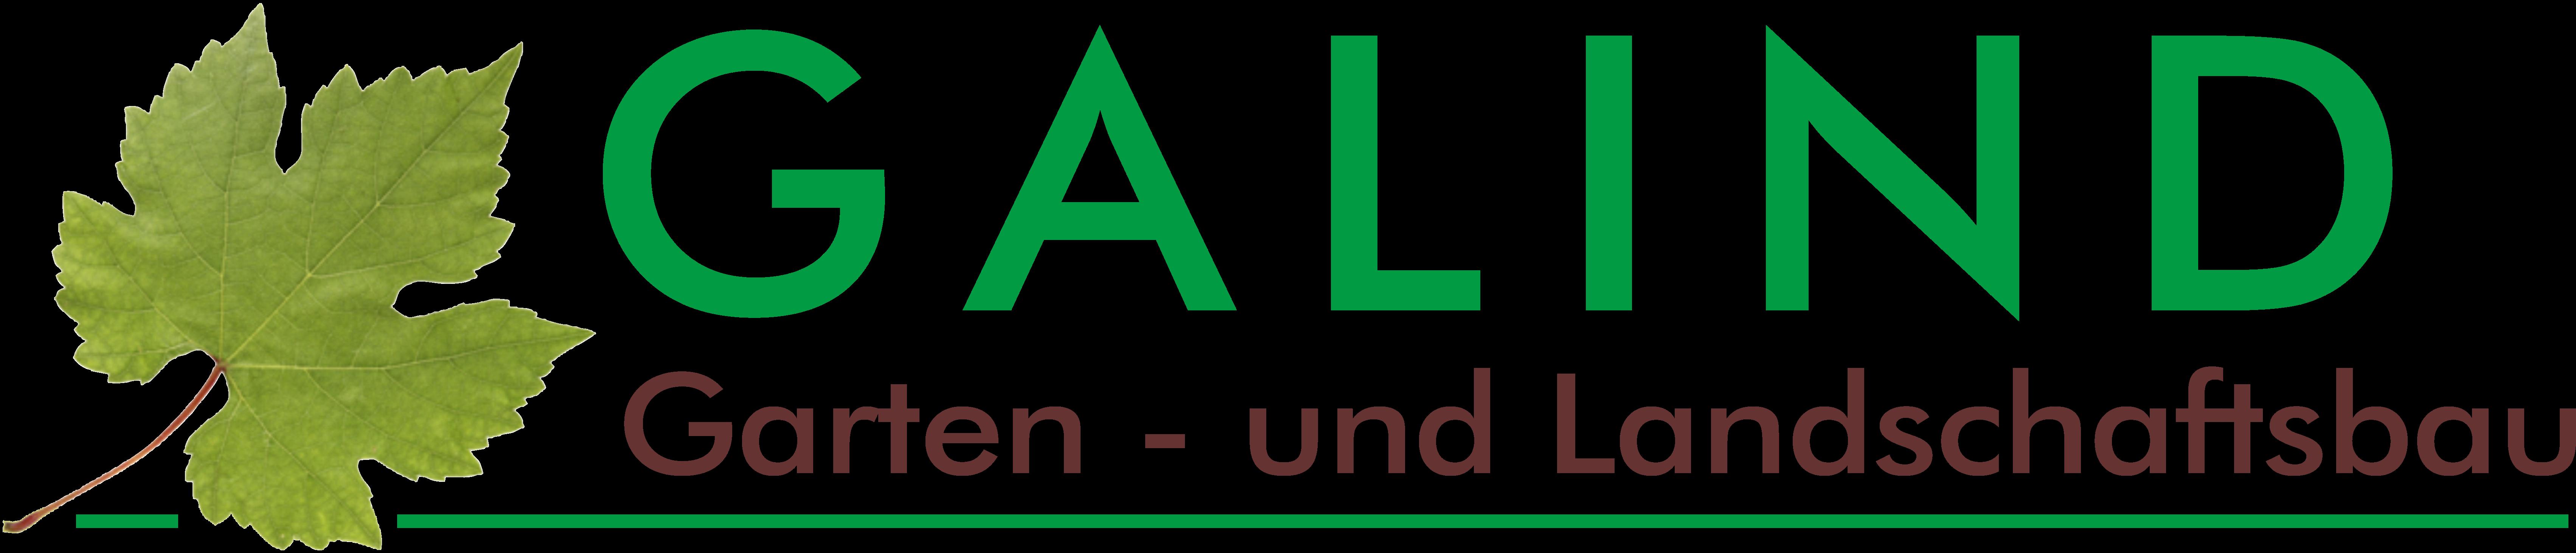 Gartenbau Herrenberg gartenbau herrenberg partner im jetzt aktuell herbstlich